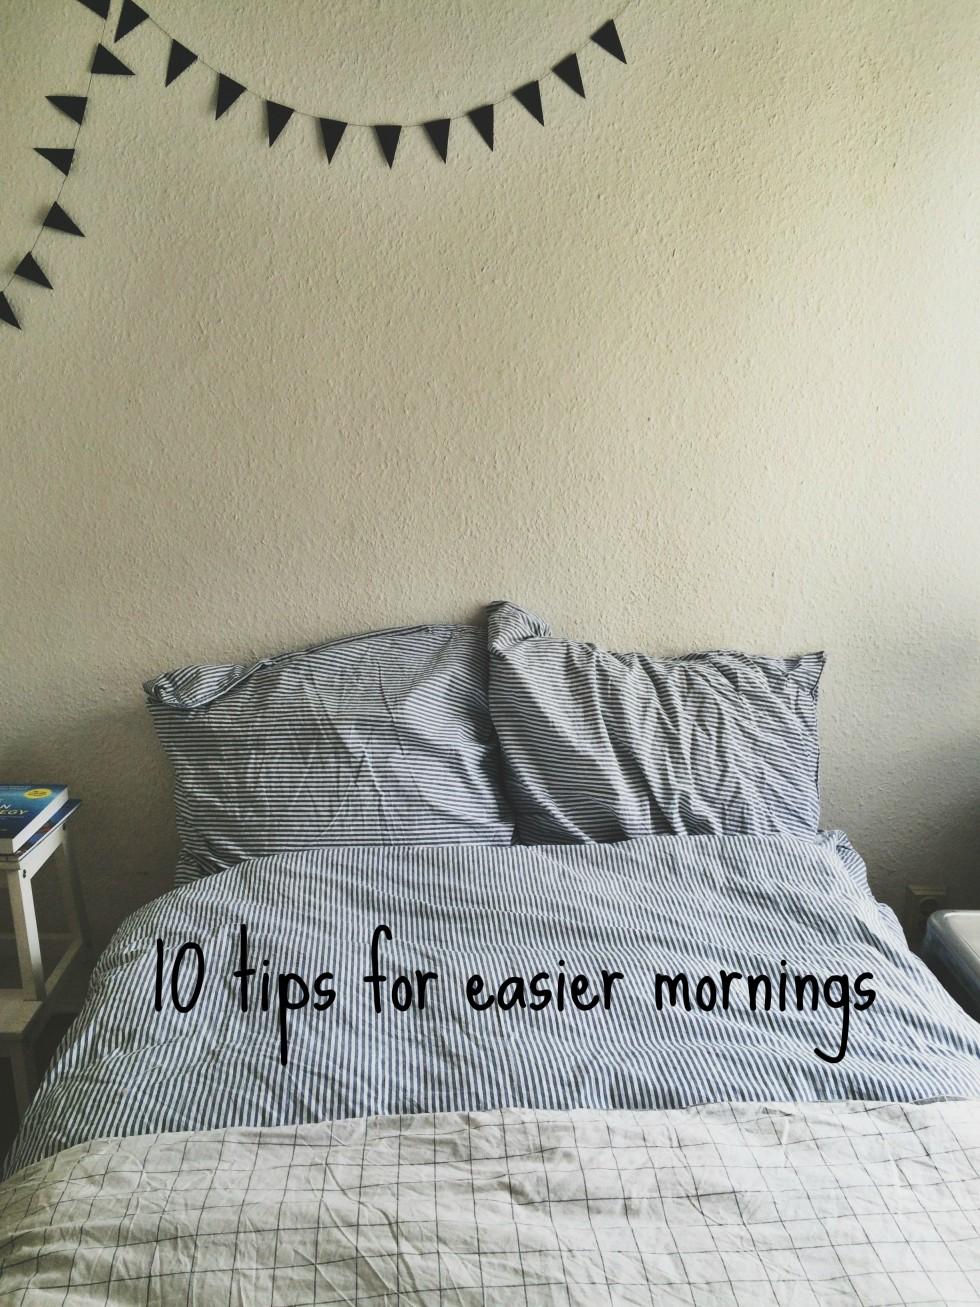 10 tips for easier mornings